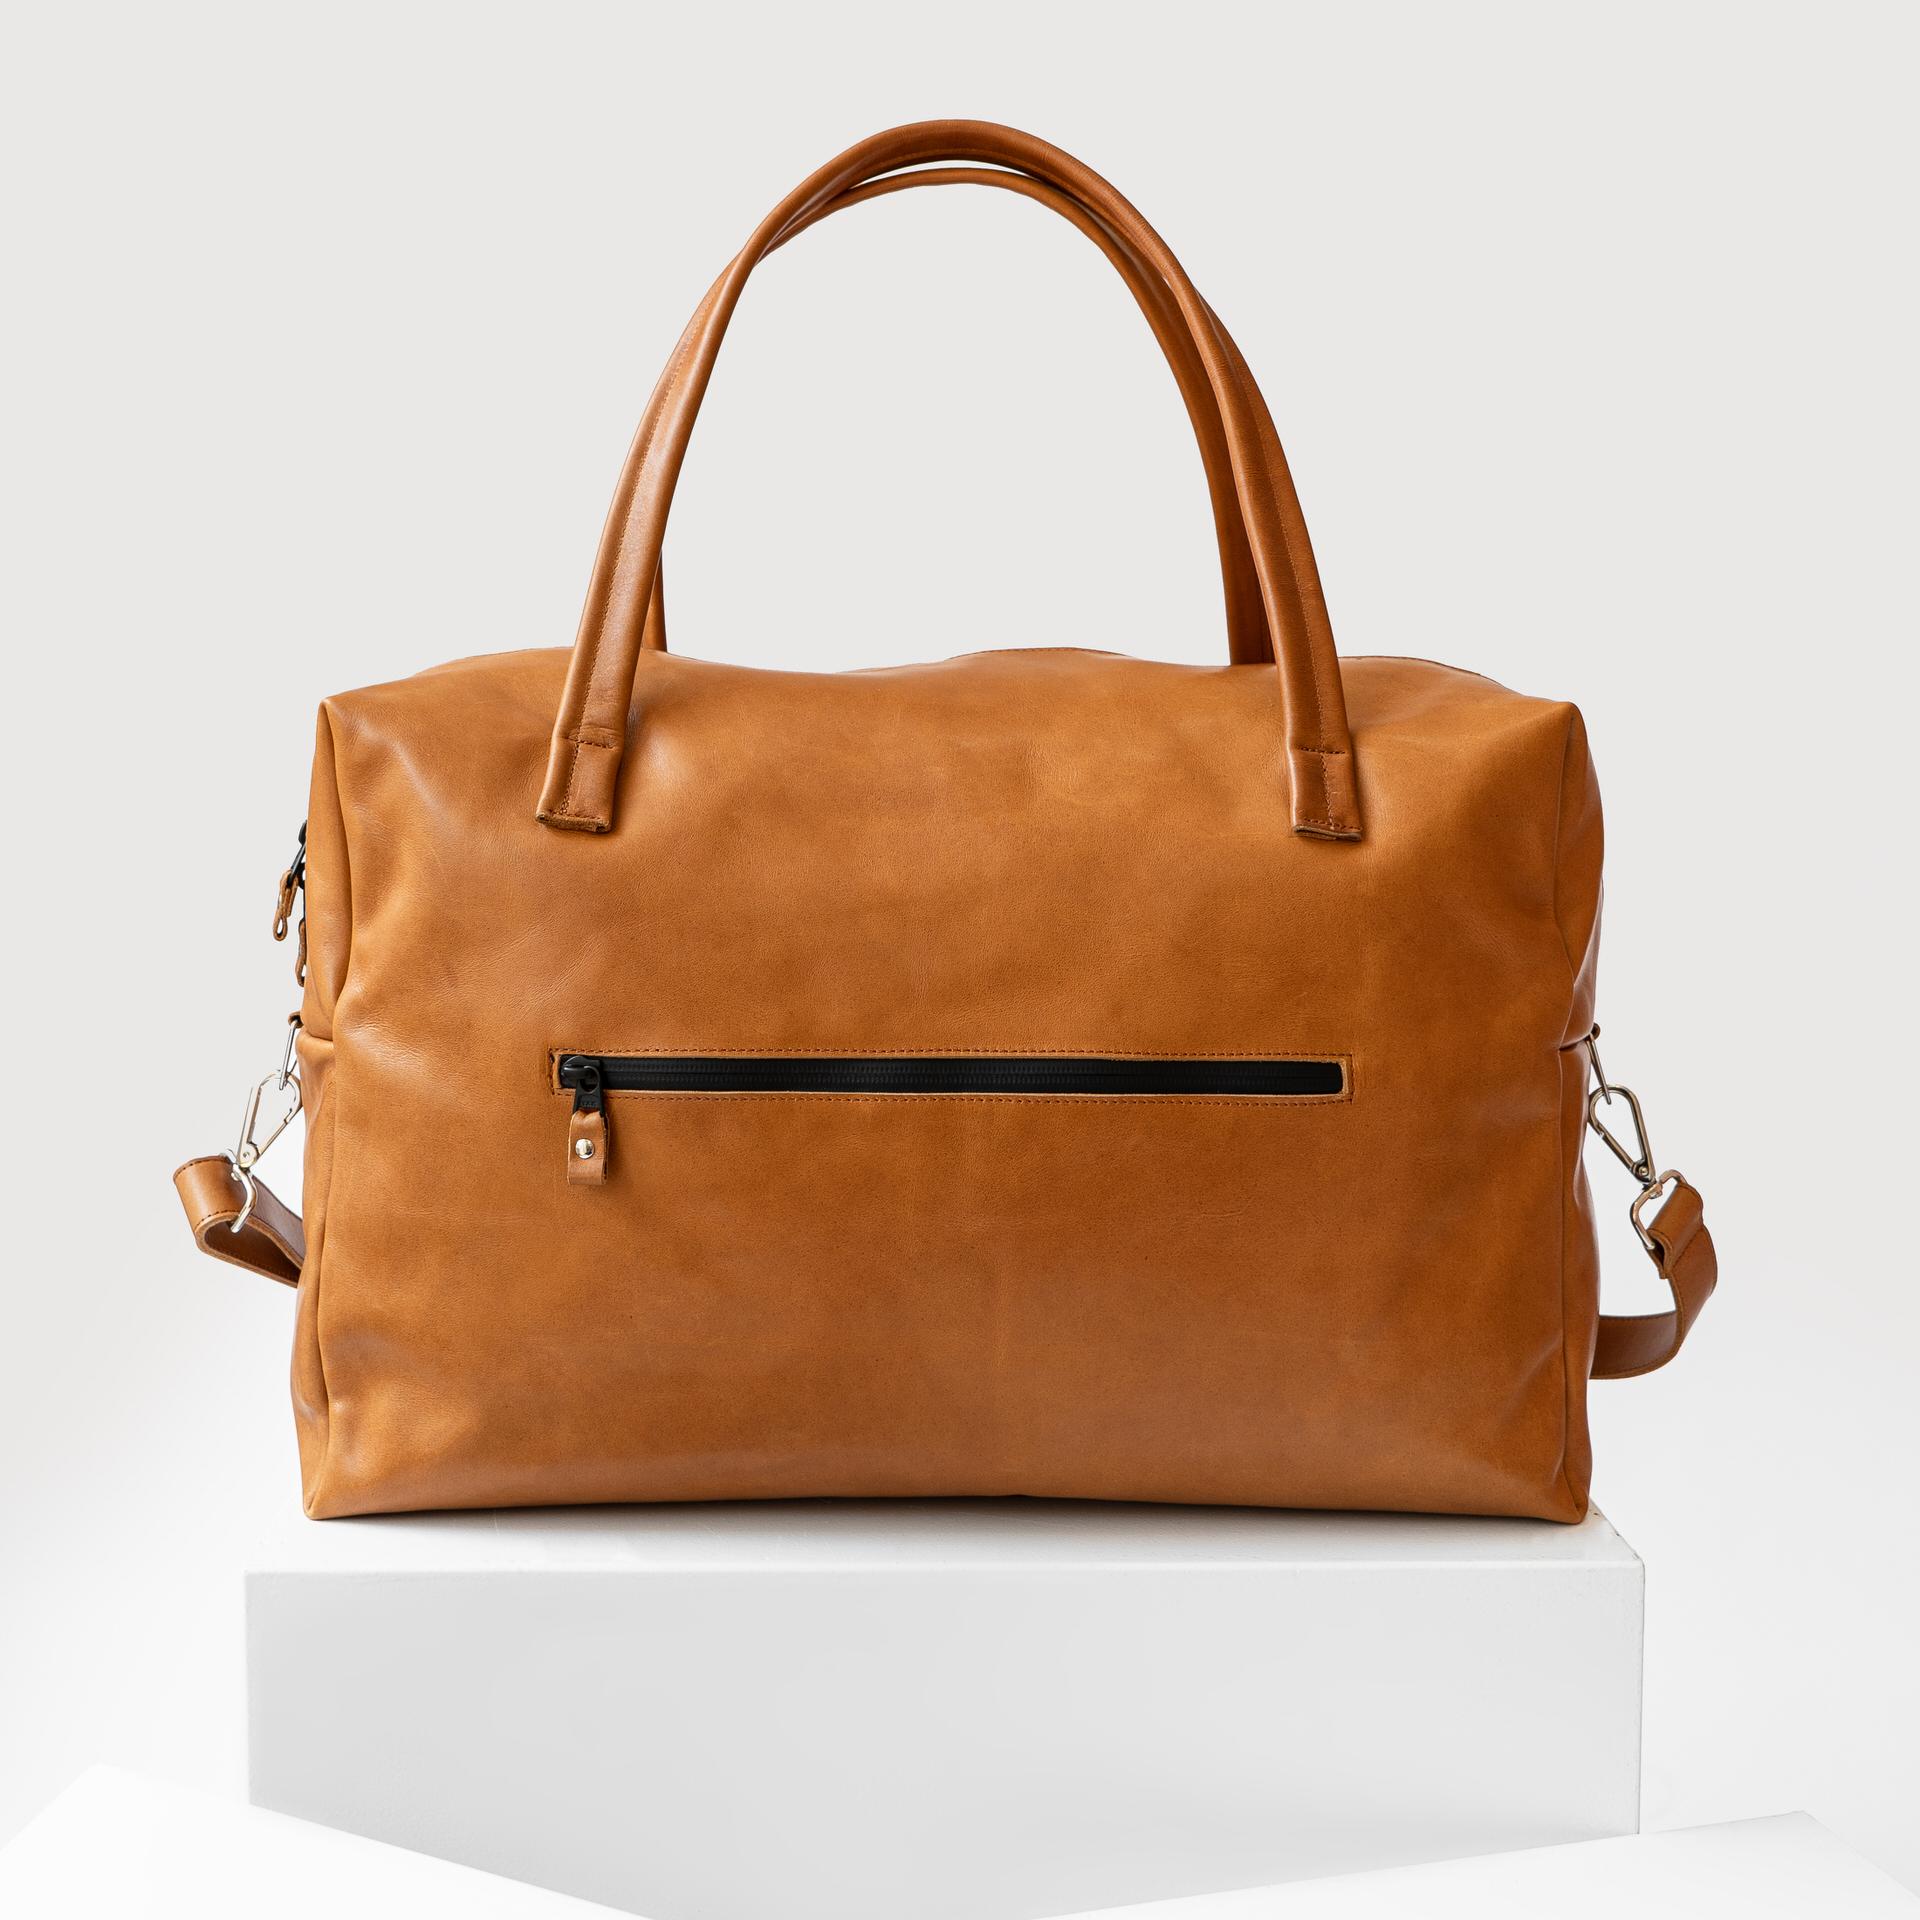 Rückansicht Weekender Reisetasche RIO mit Henkeln und Schultergurt aus cognacfarbenem geölten Naturleder